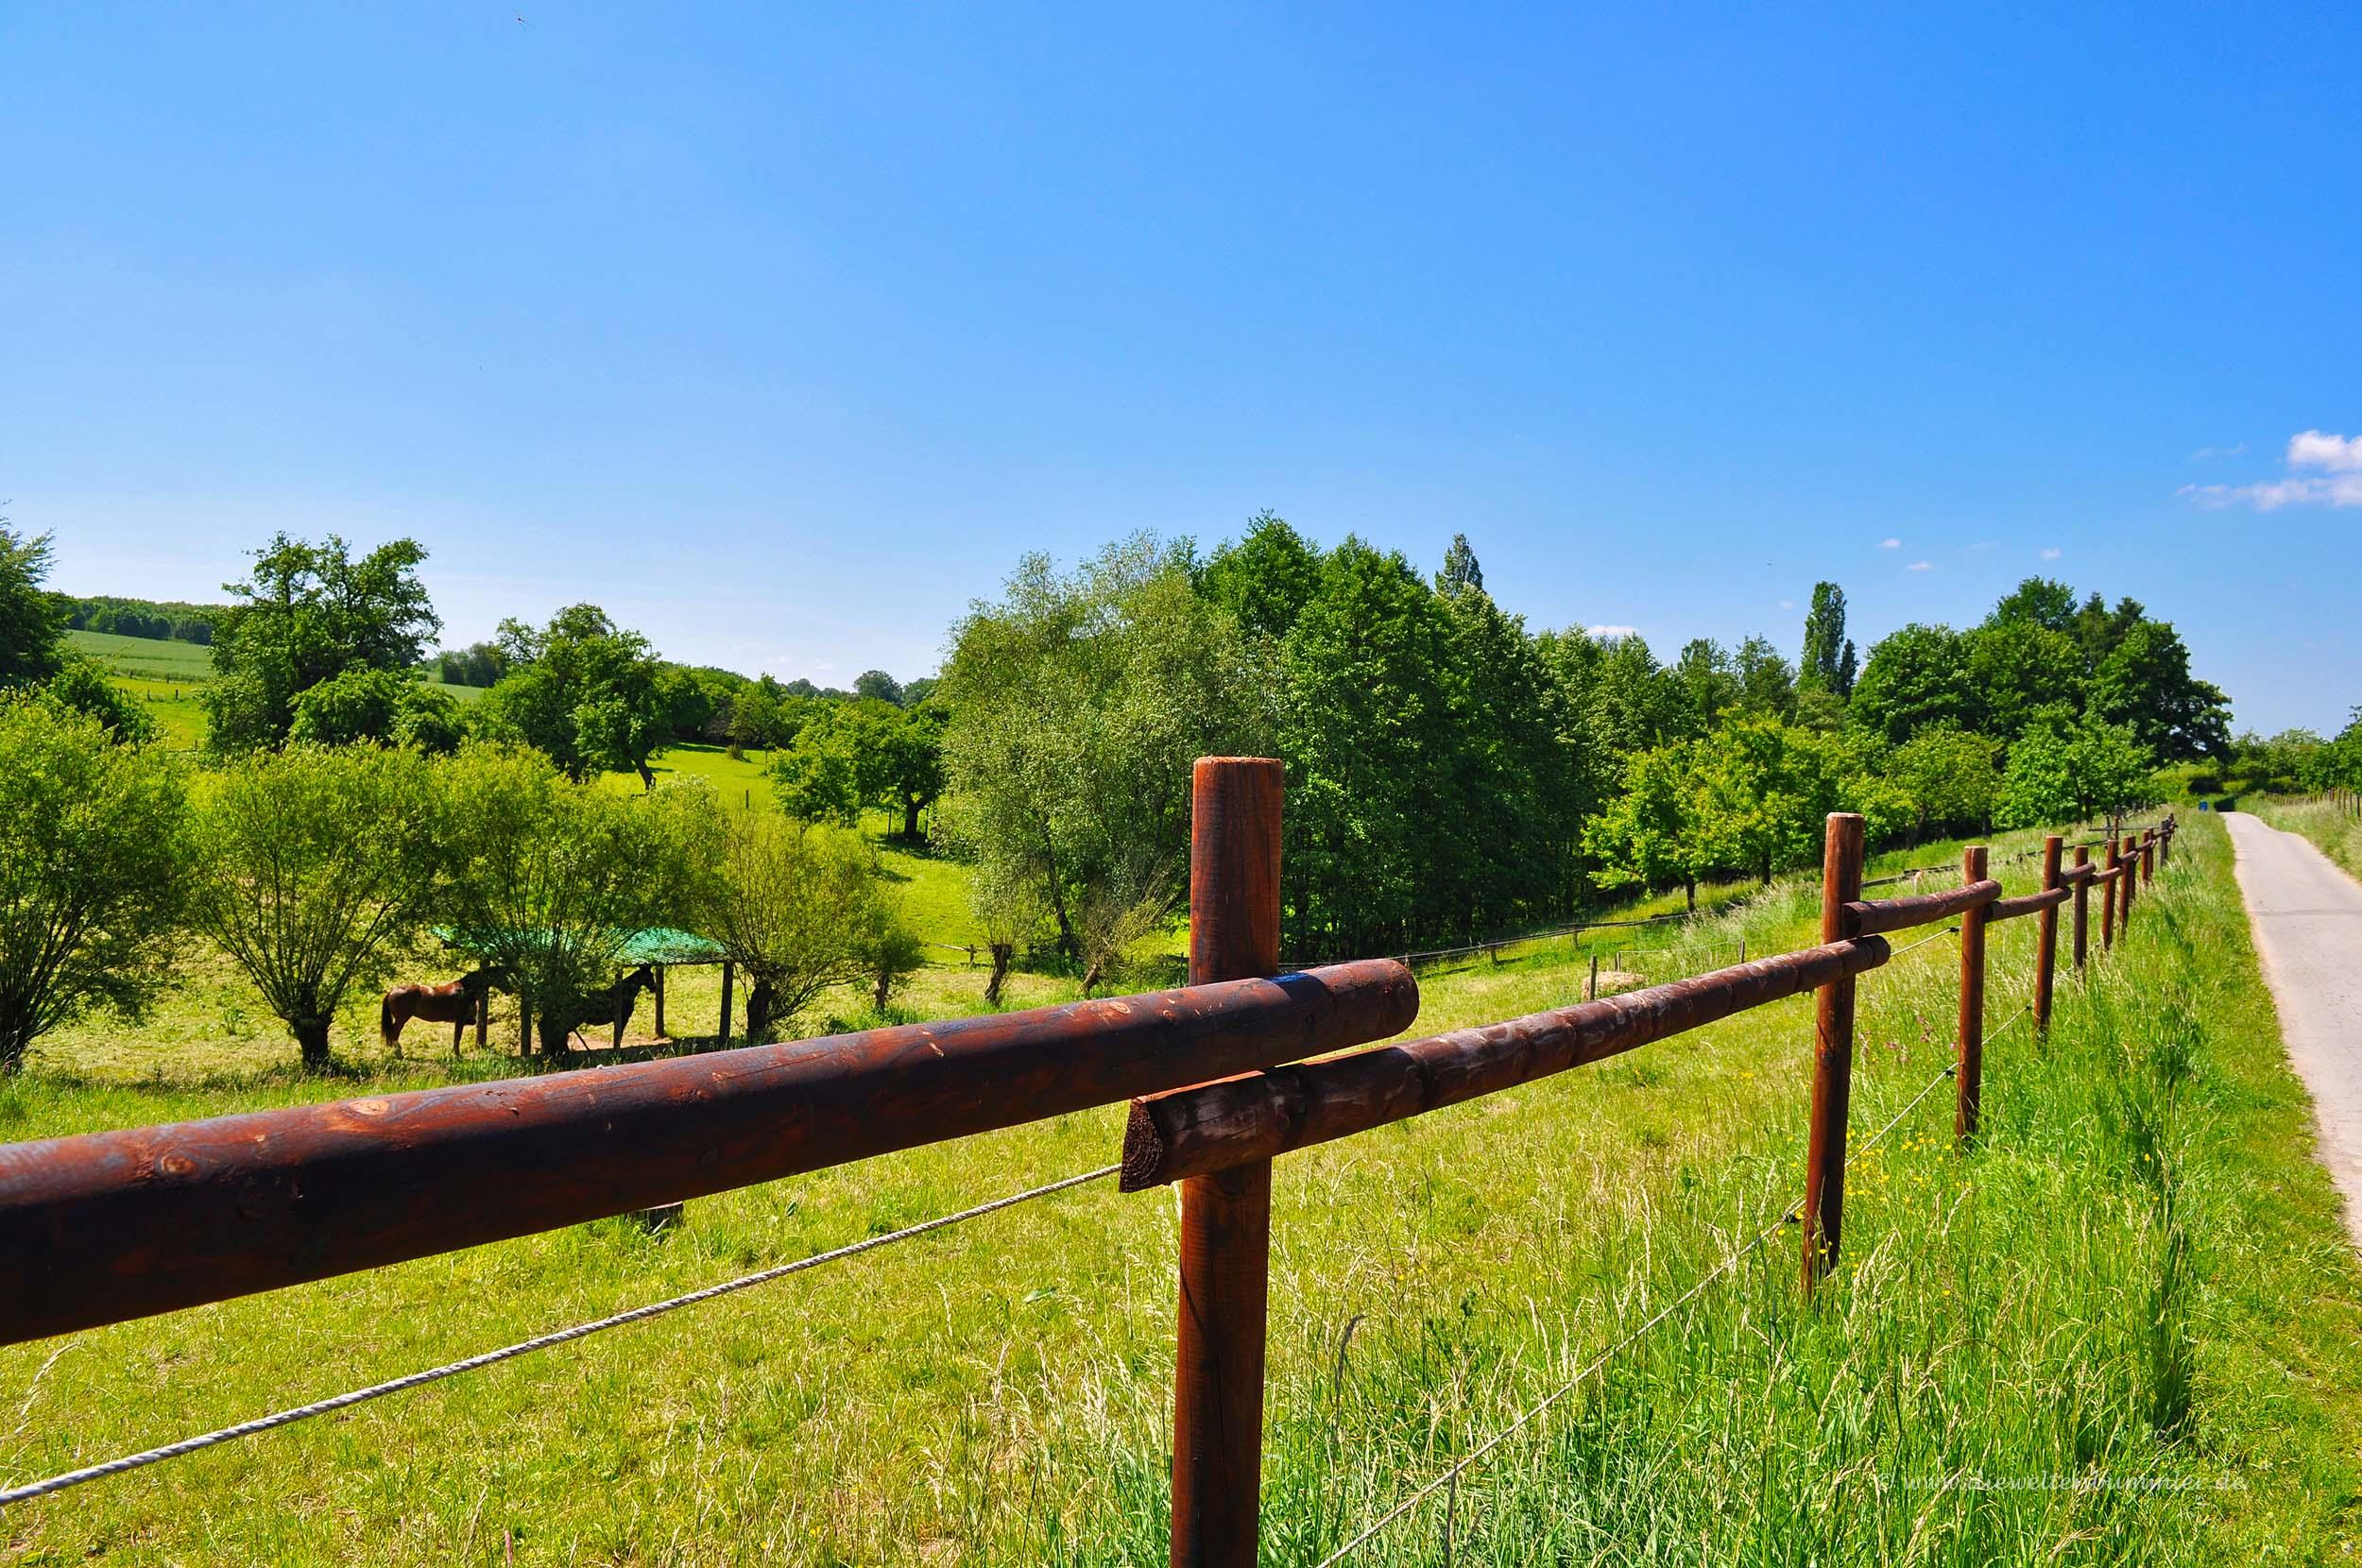 Pferdekoppeln am Wegesrand